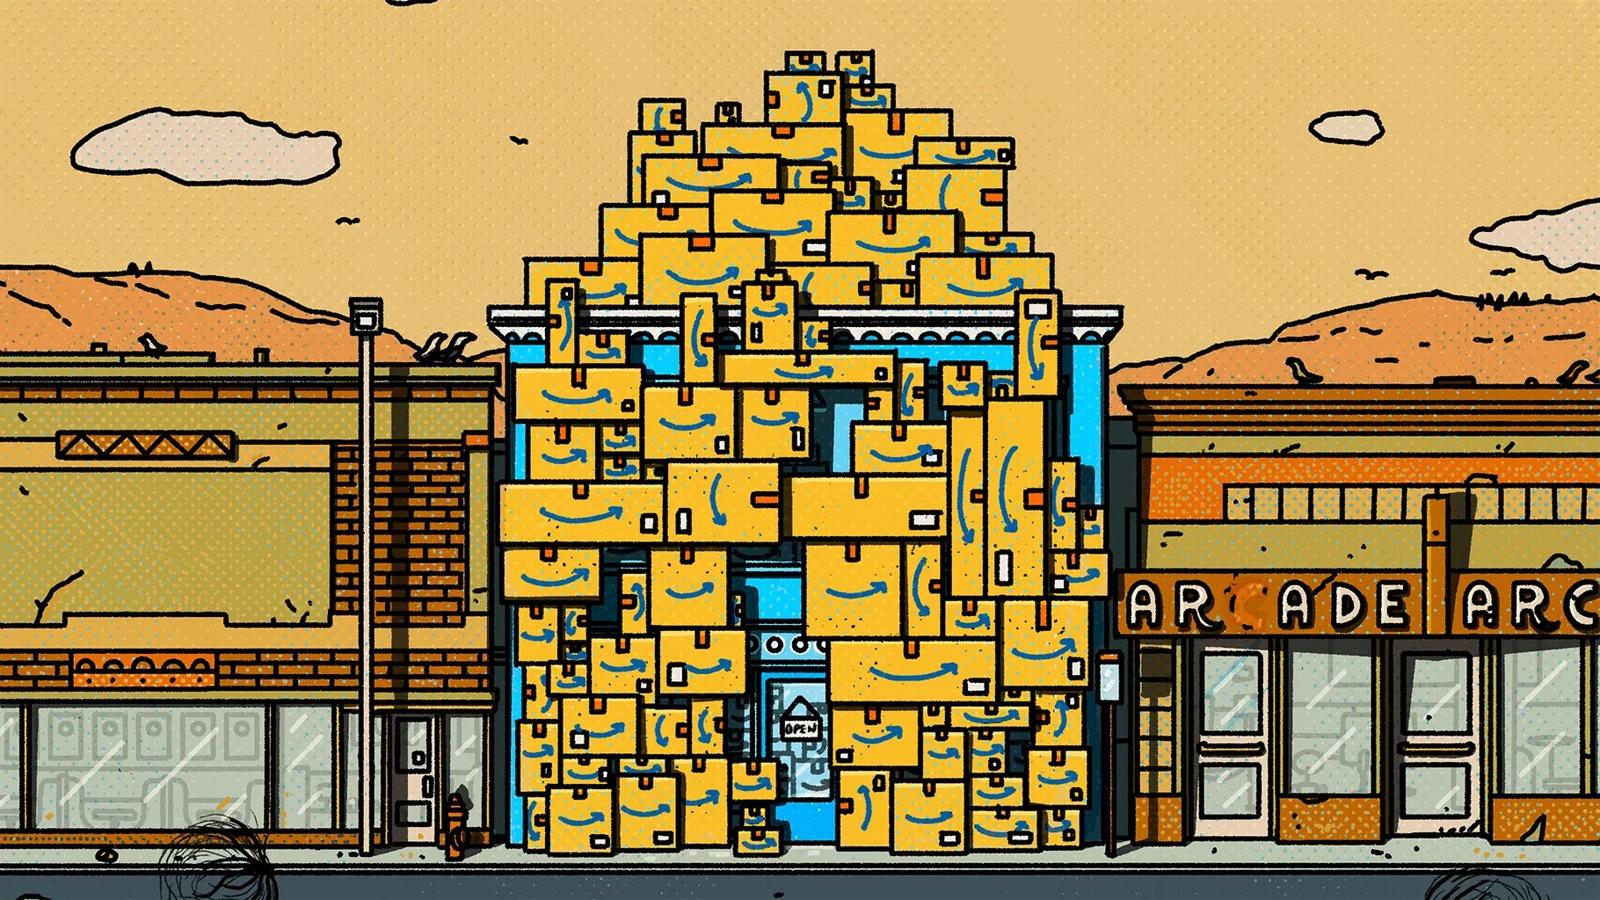 Как маленький городок в глубинке превратился в хаб международной электронной торговли - 1